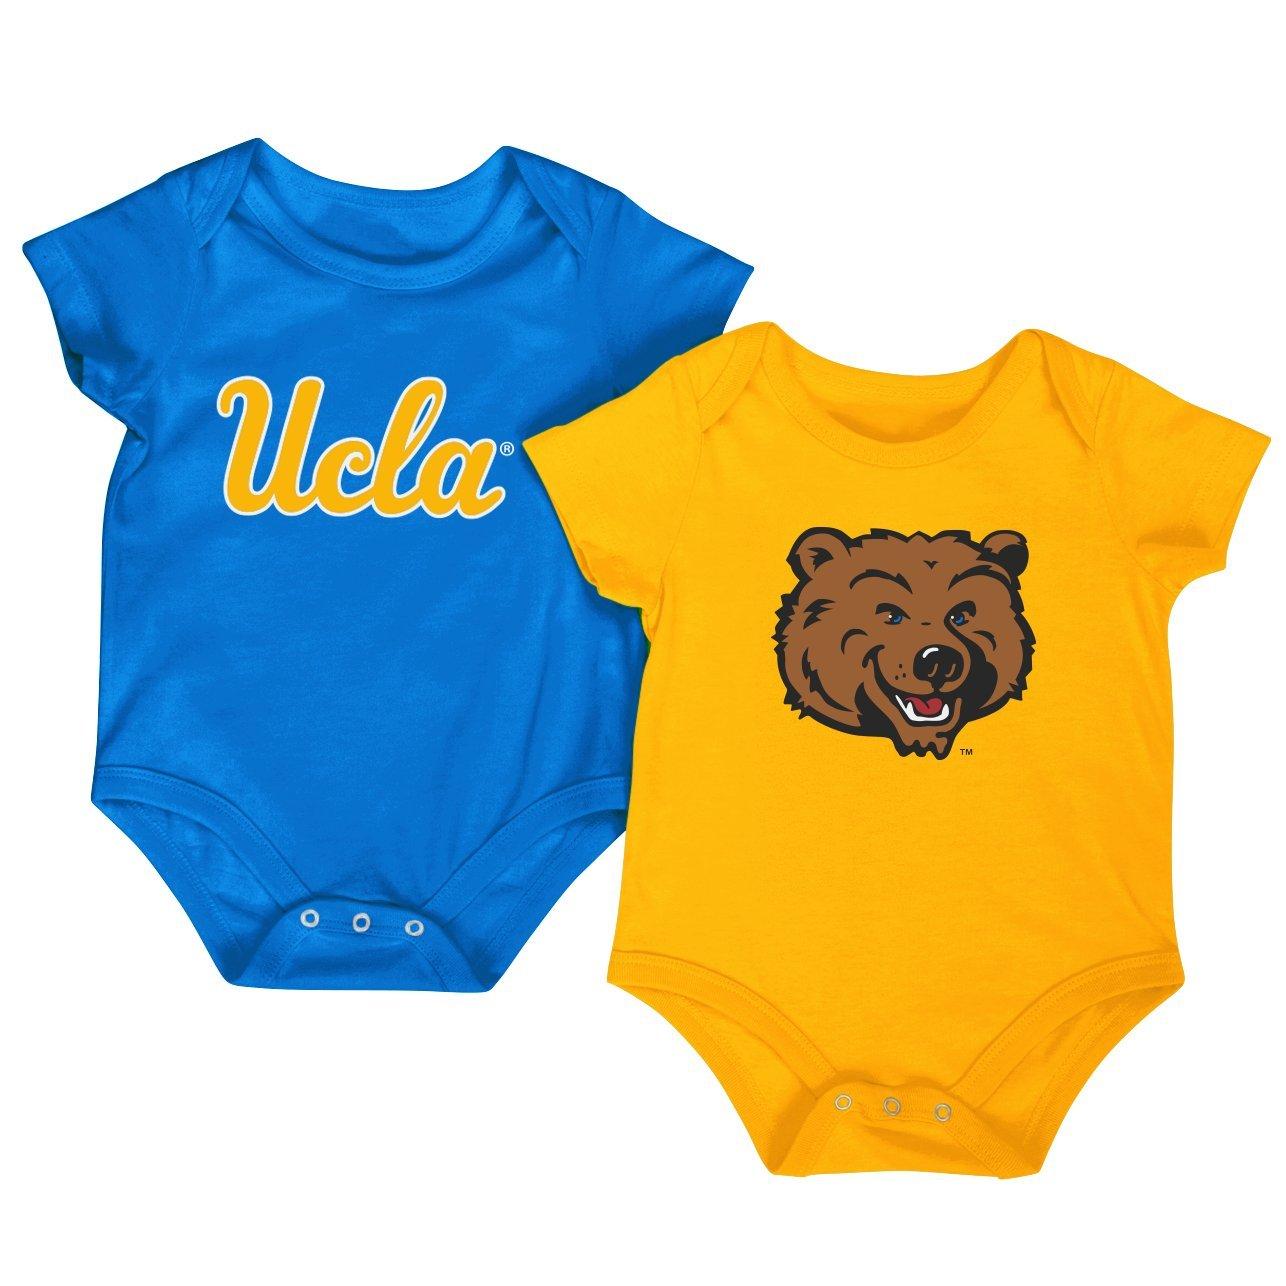 【楽天ランキング1位】 Colosseum NCAA半袖ボディスーツ2-pack-newbornと幼児サイズ B0761CHVTV B0761CHVTV UCLA Bruins 3-6 Months 3-6 3-6 Months|UCLA UCLA Bruins, コダマグン:37be27a8 --- svecha37.ru